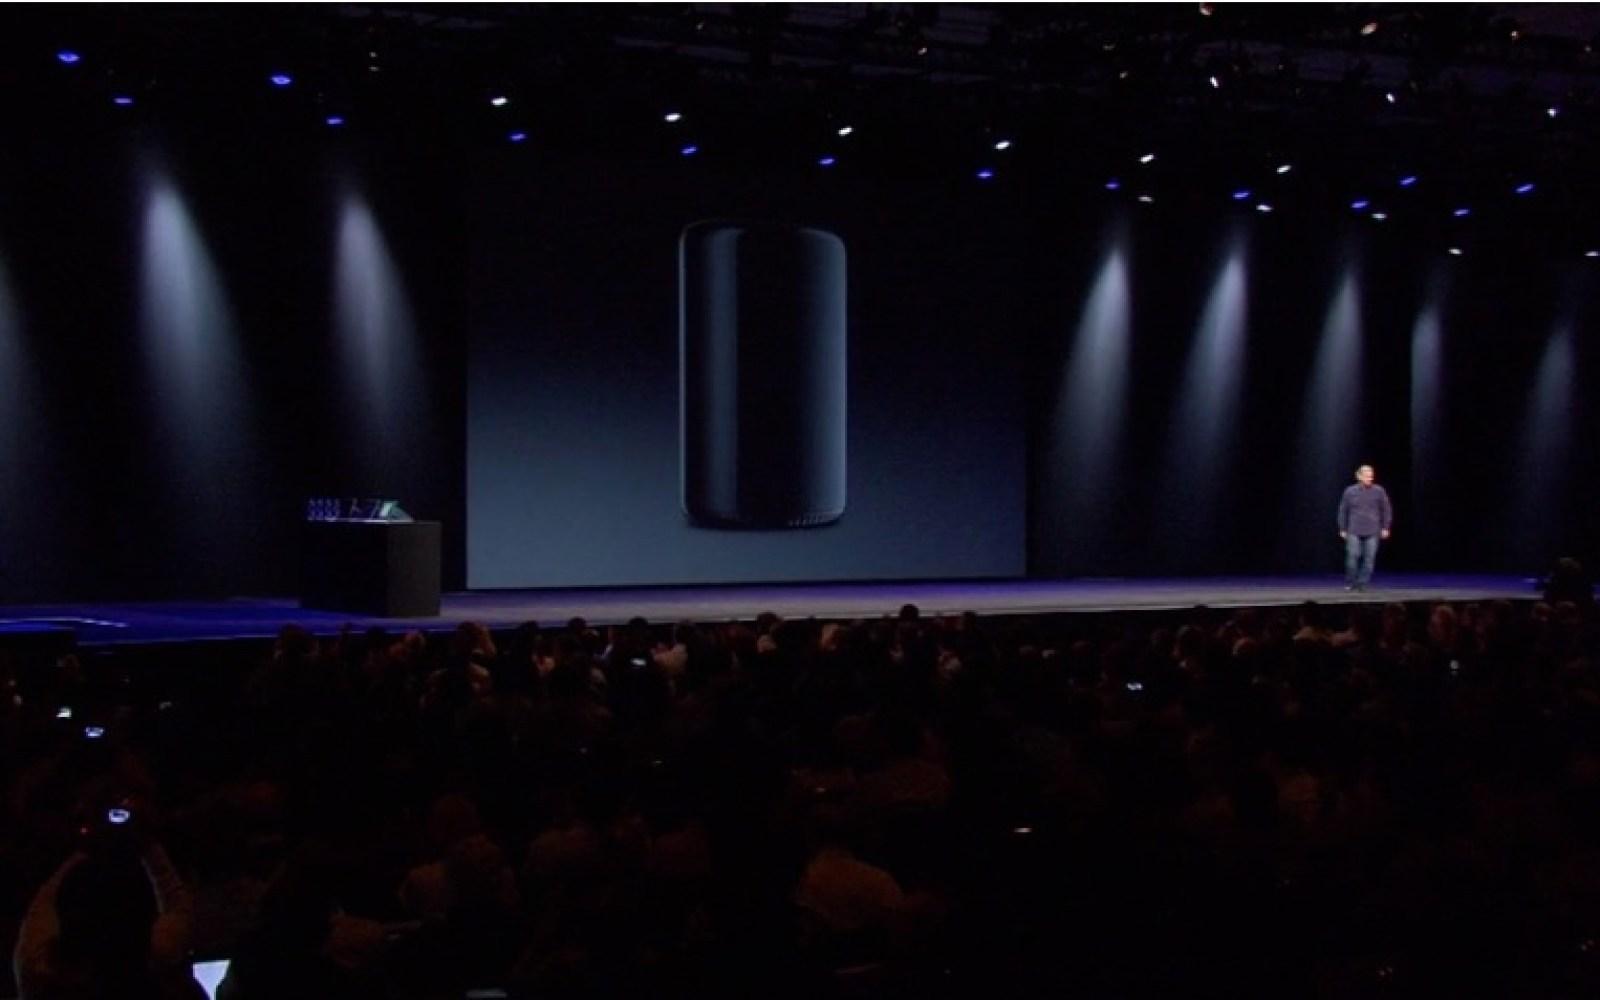 Apple announces next generation Mac Pro